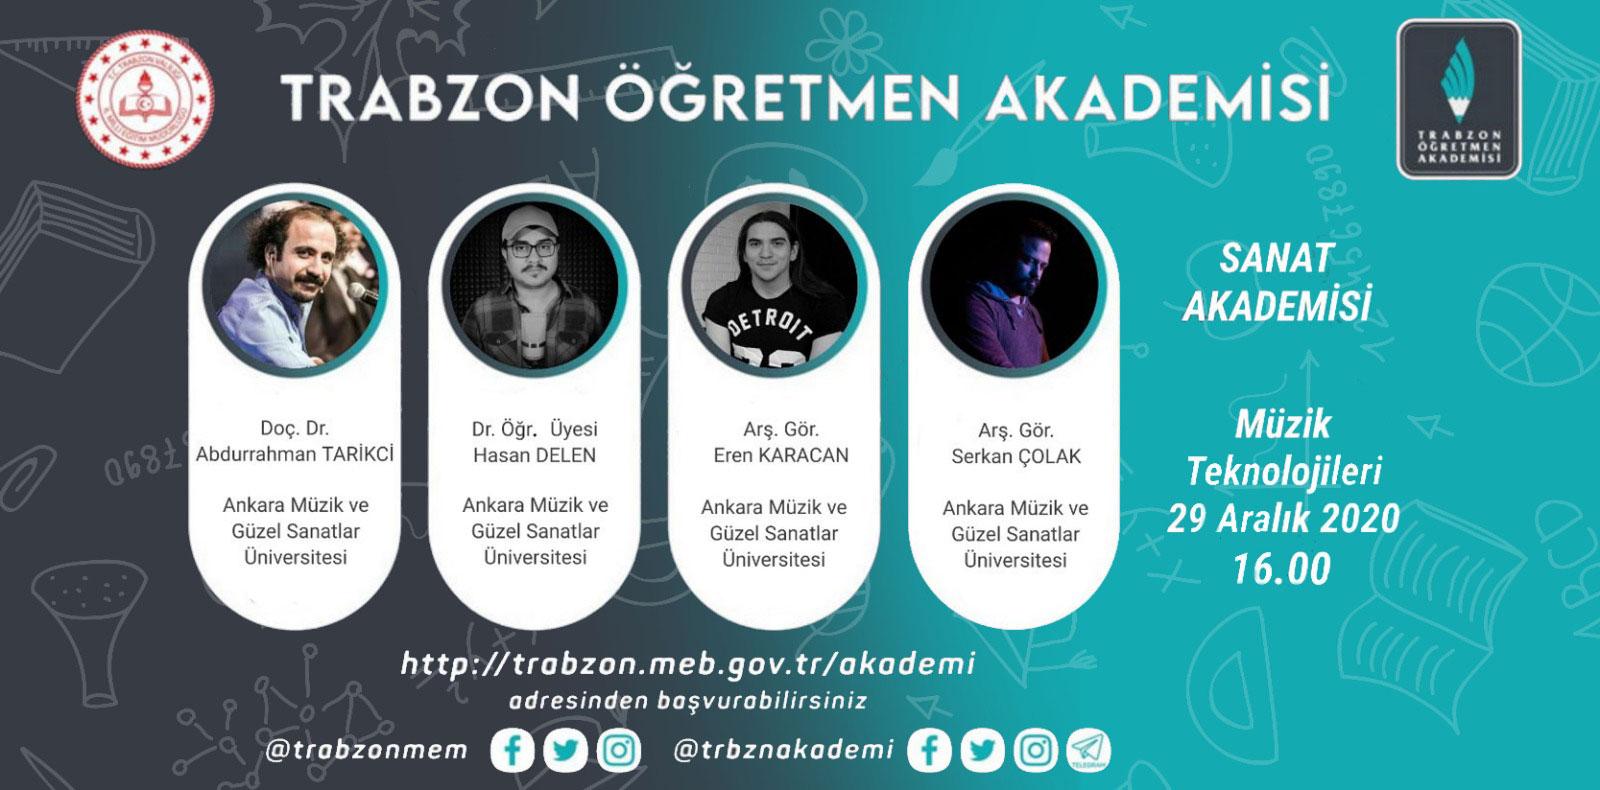 Trabzon Öğretmen Akademisi Slide